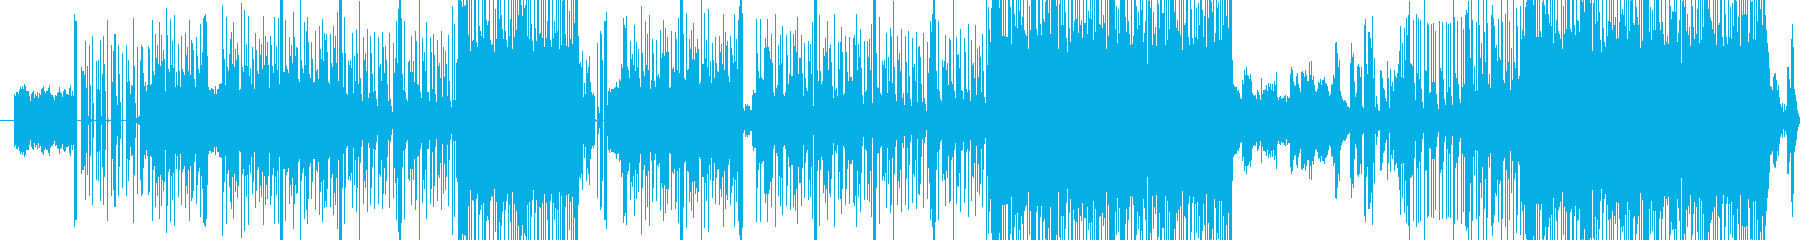 戦隊もののゲームのような印象の曲の再生済みの波形